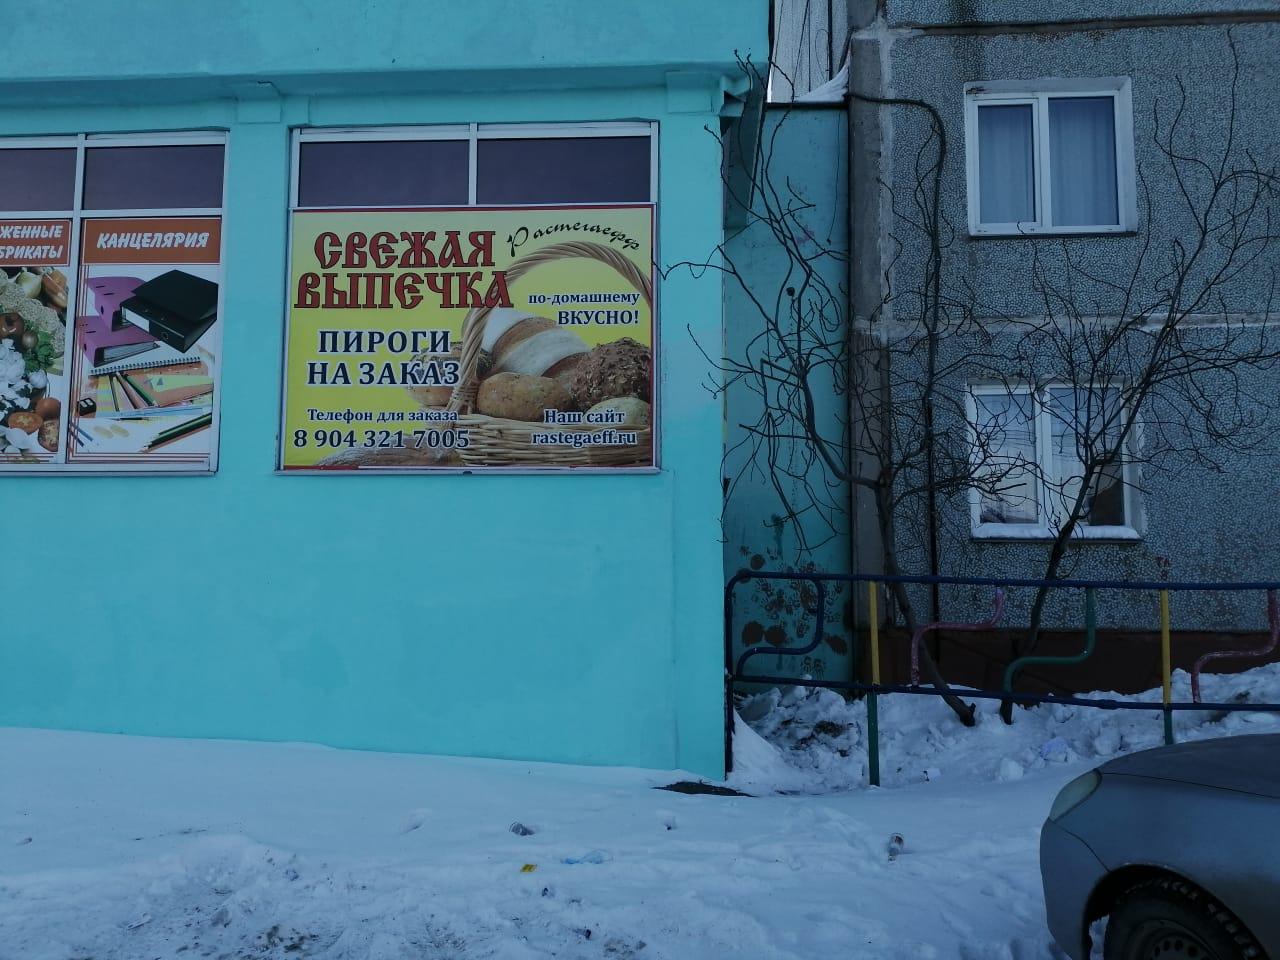 В Омске на месяц закрыли пекарню «Растегаефф» #Омск #Общество #Сегодня